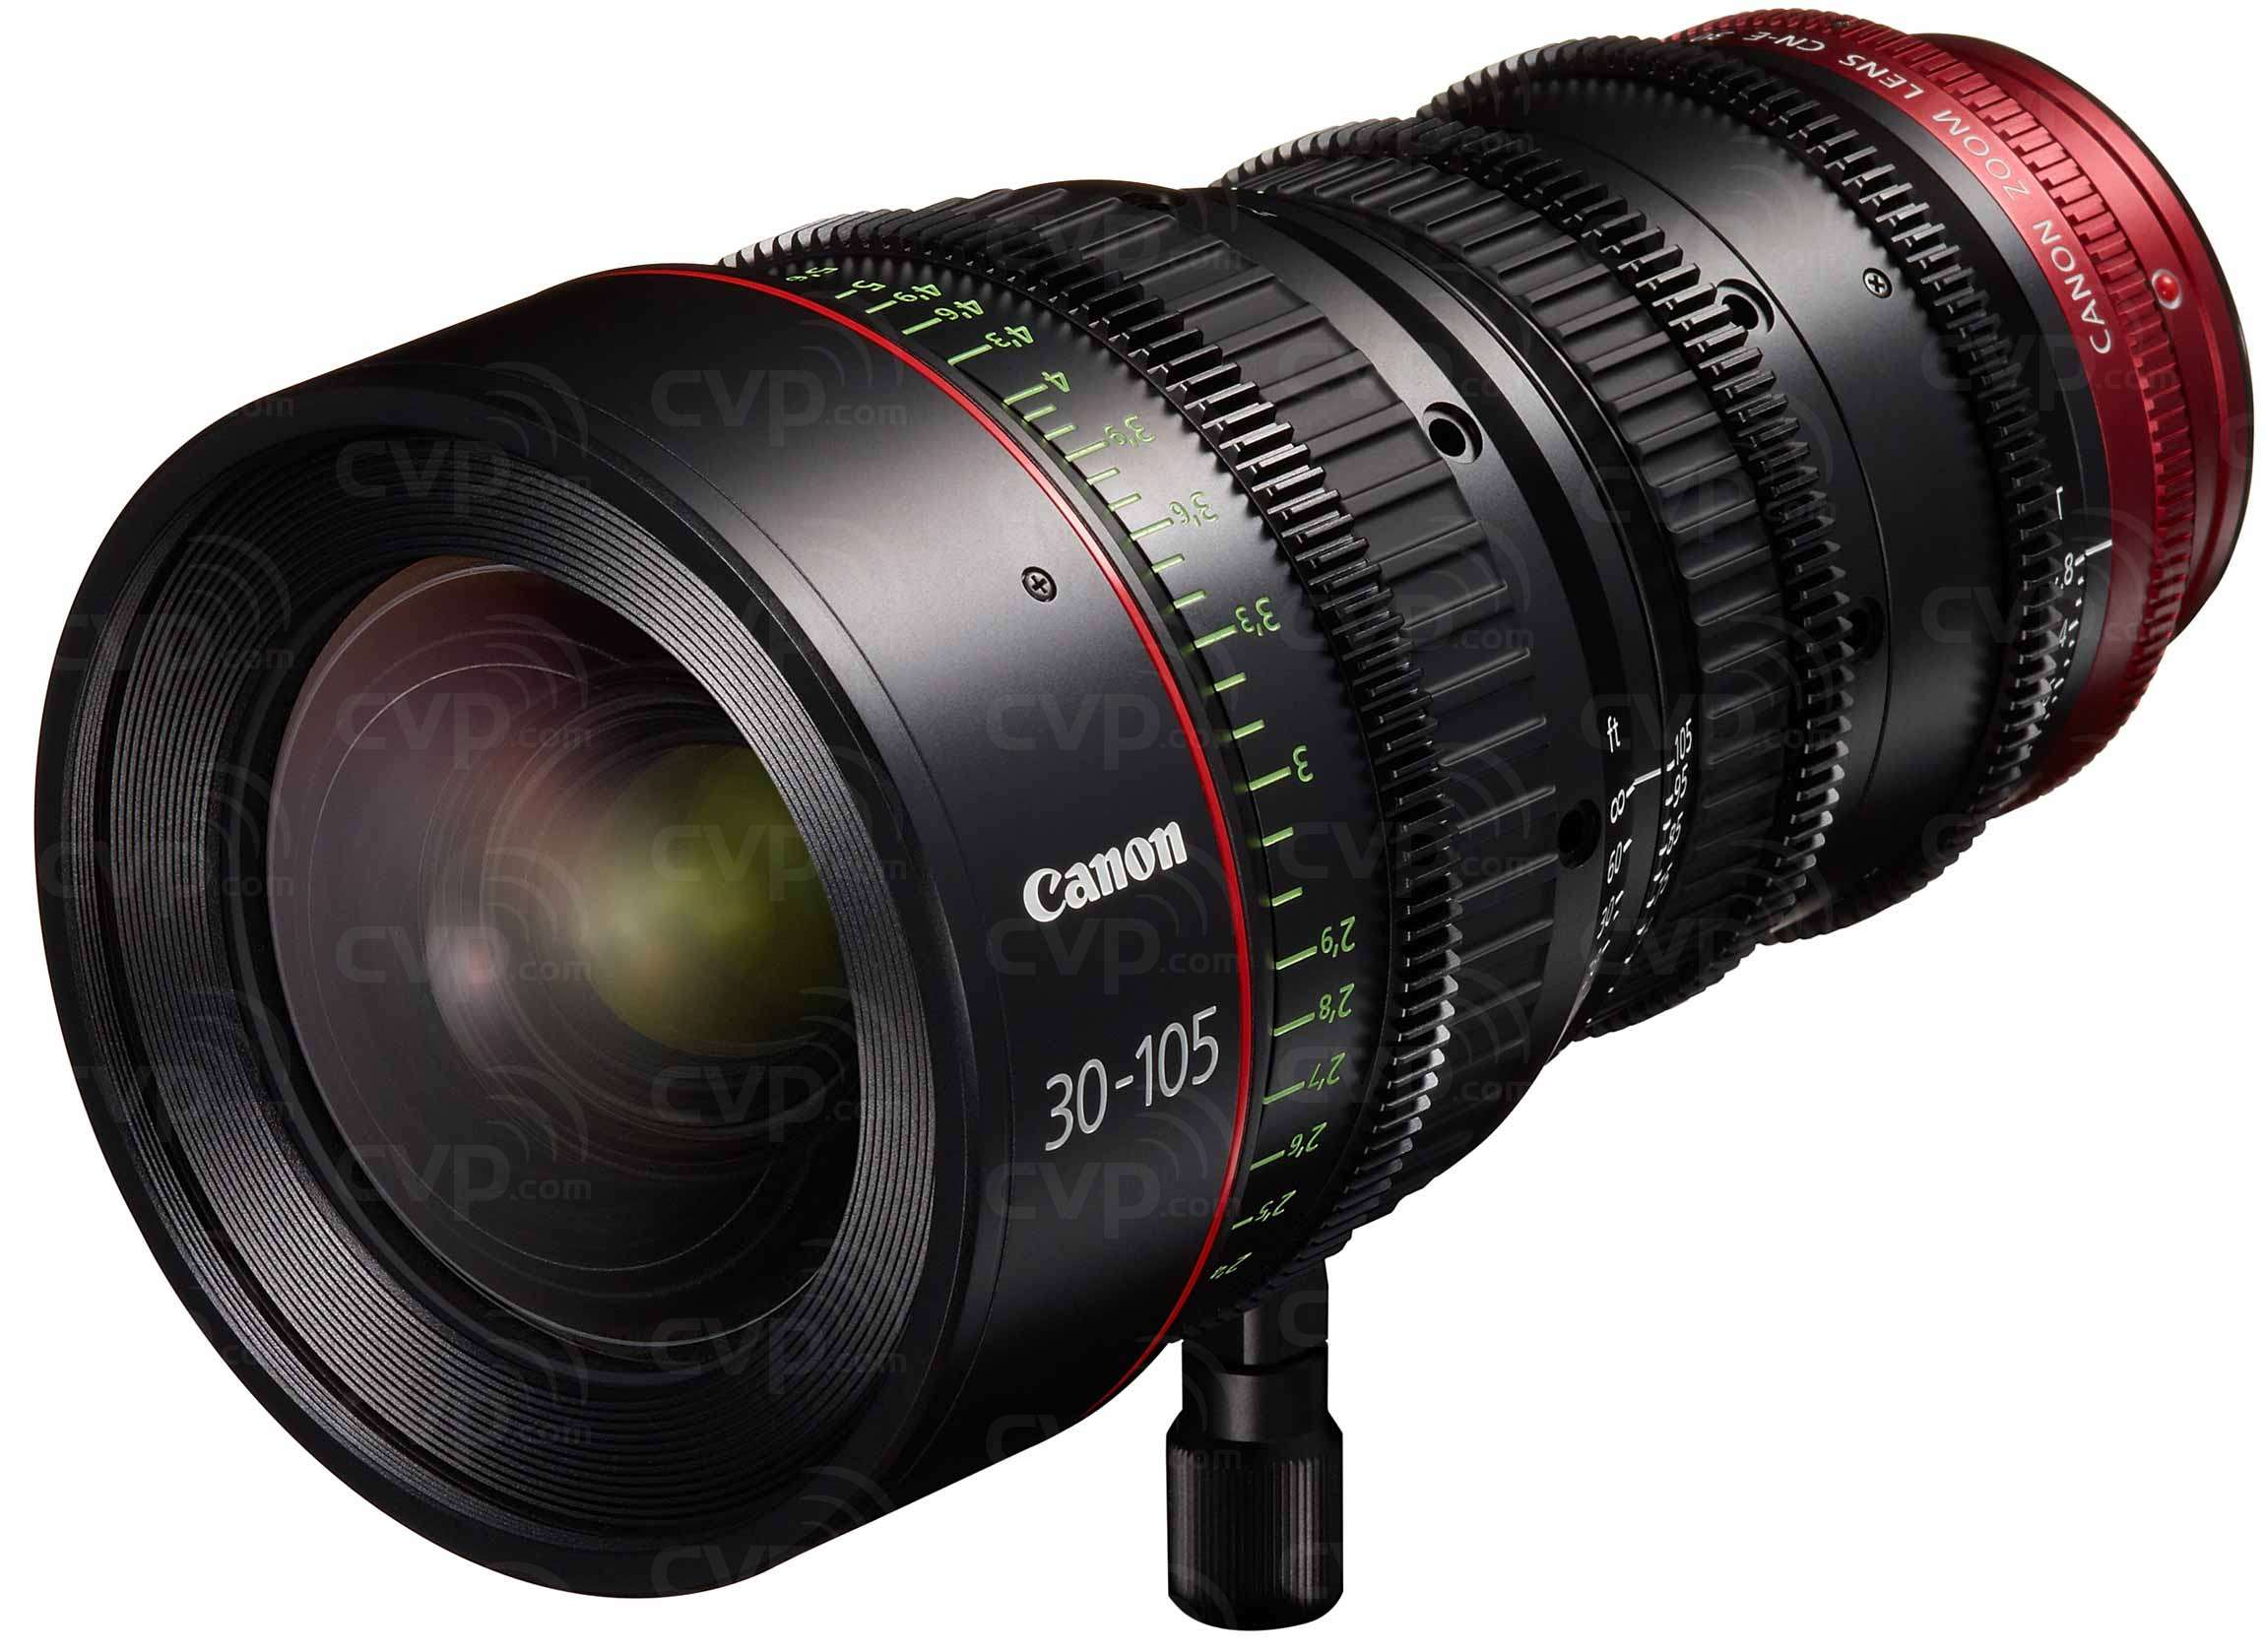 Canon CN-E 30-105mm T2.8 L SP PL Mount 4K Cine